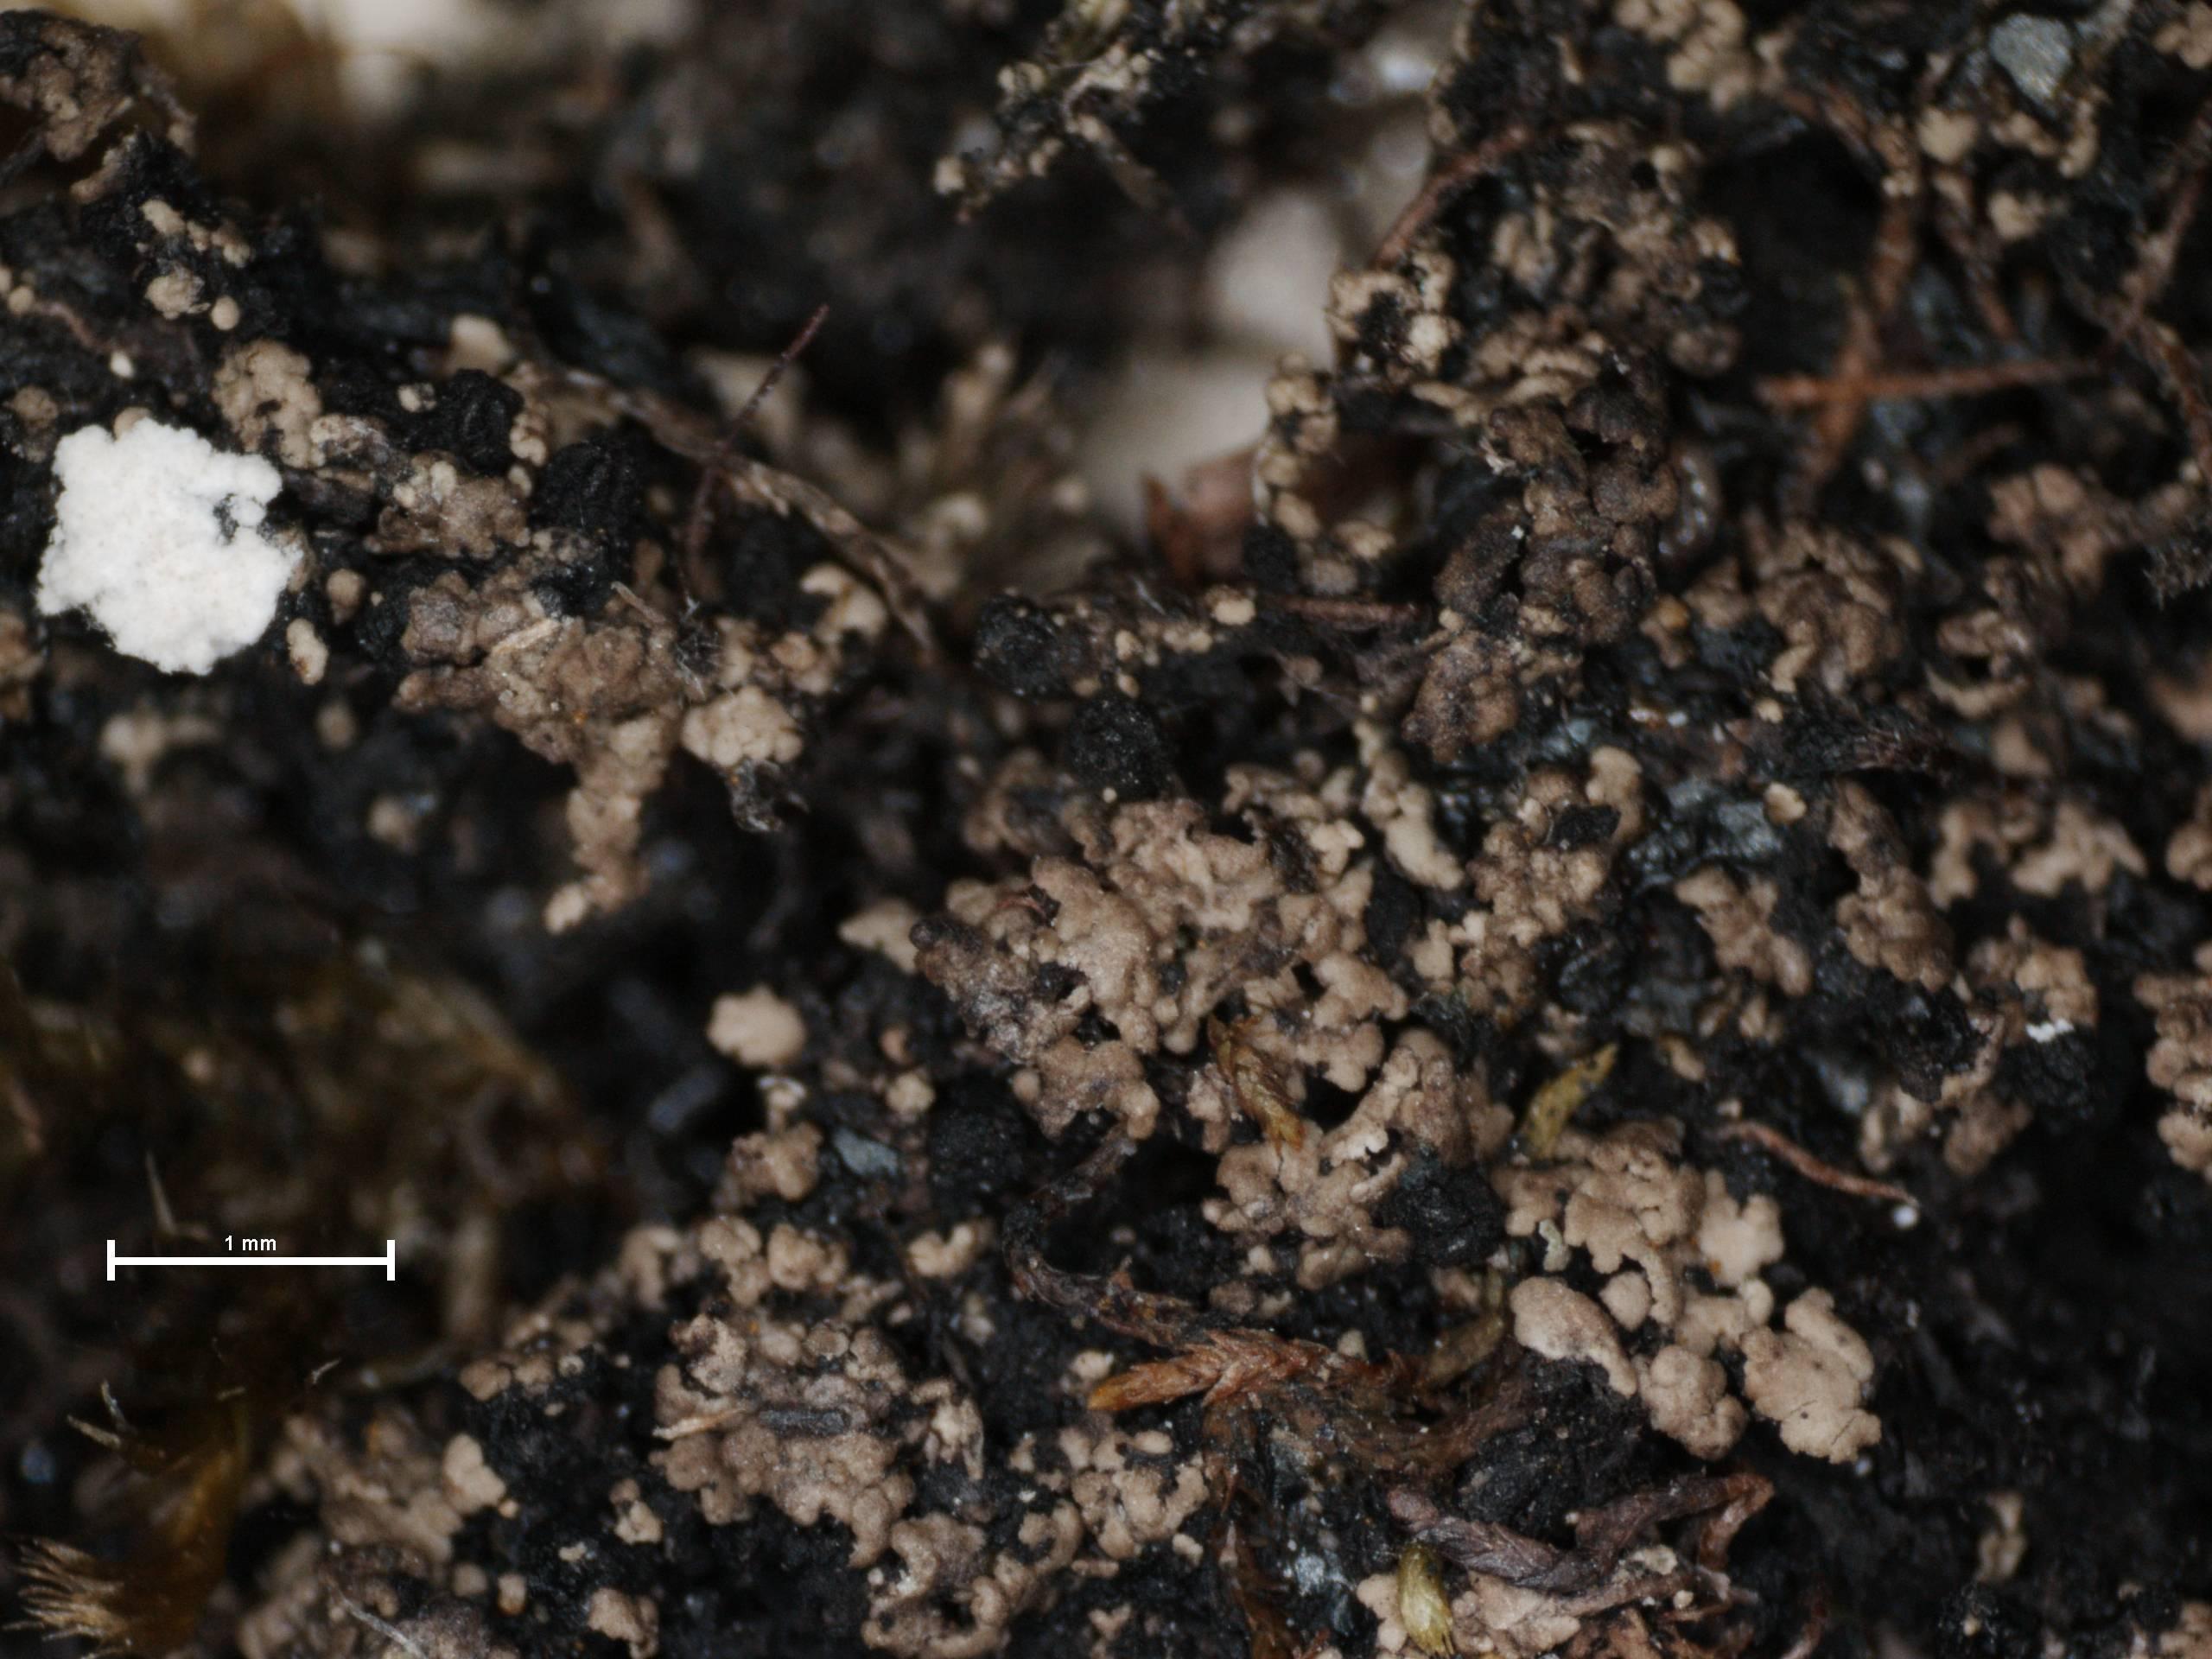 Image of agonimia lichen